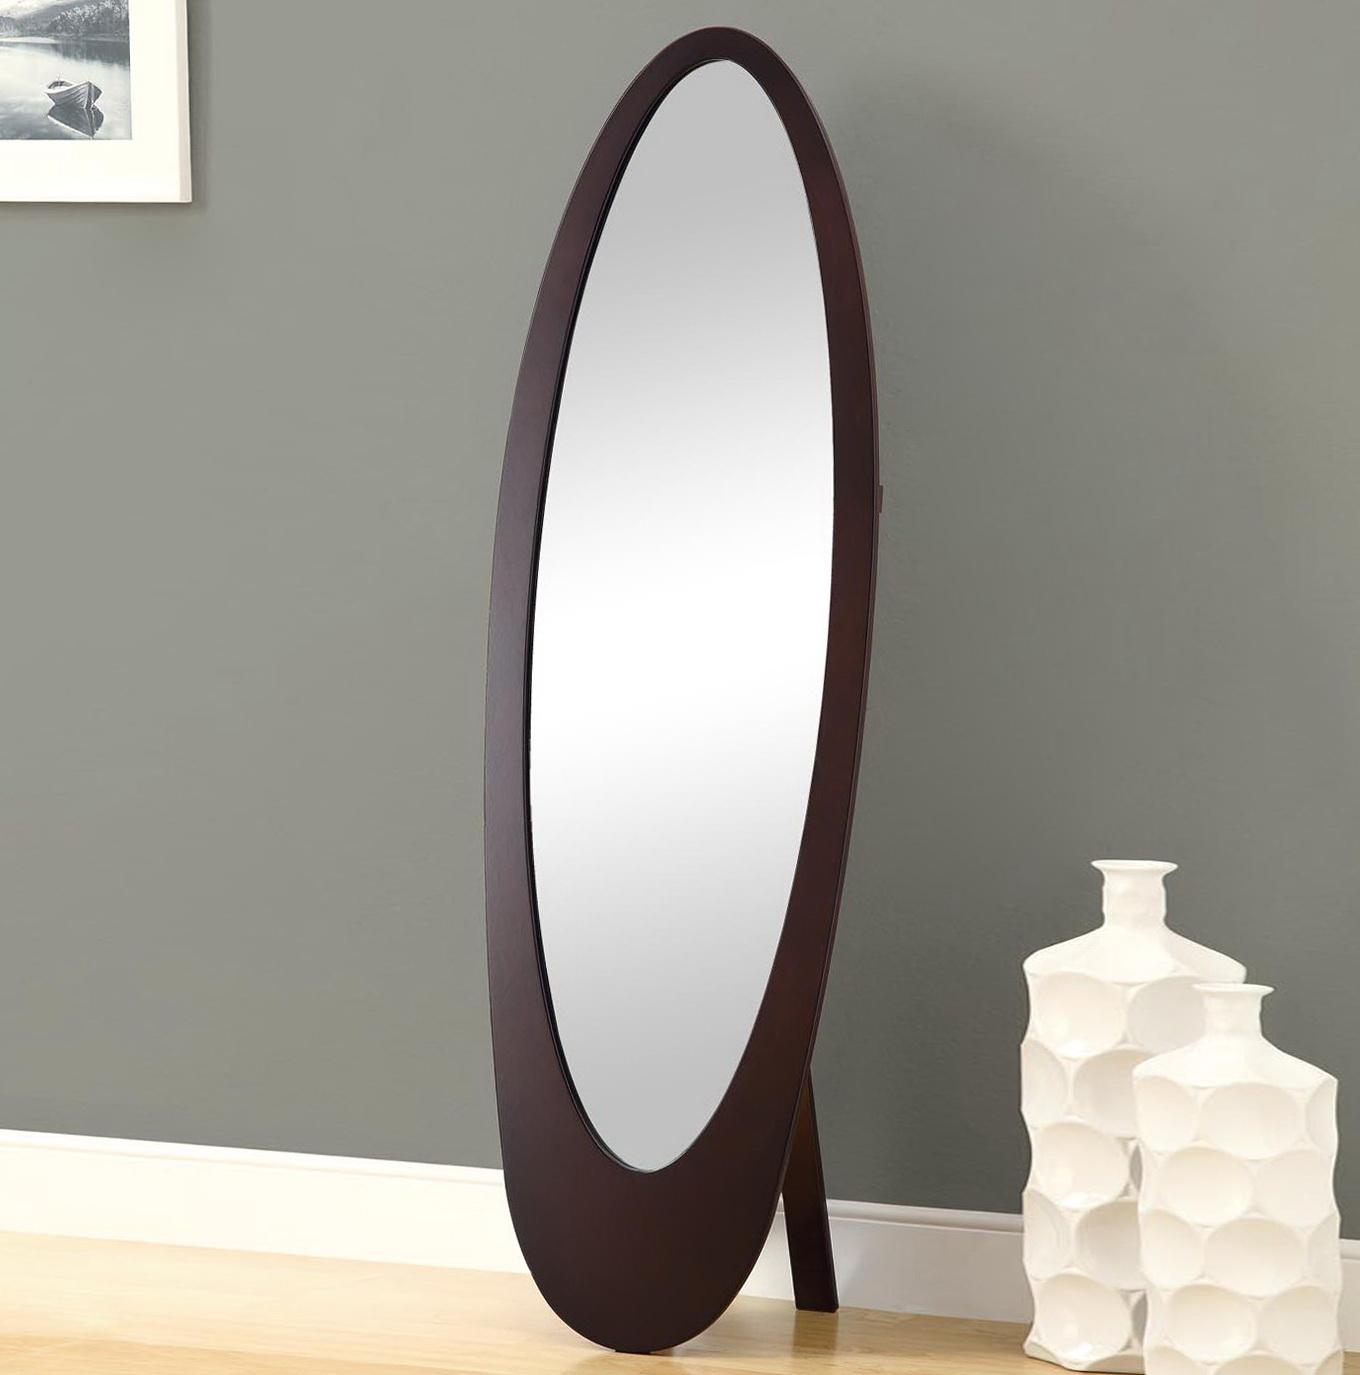 Oval Standing Floor Mirror